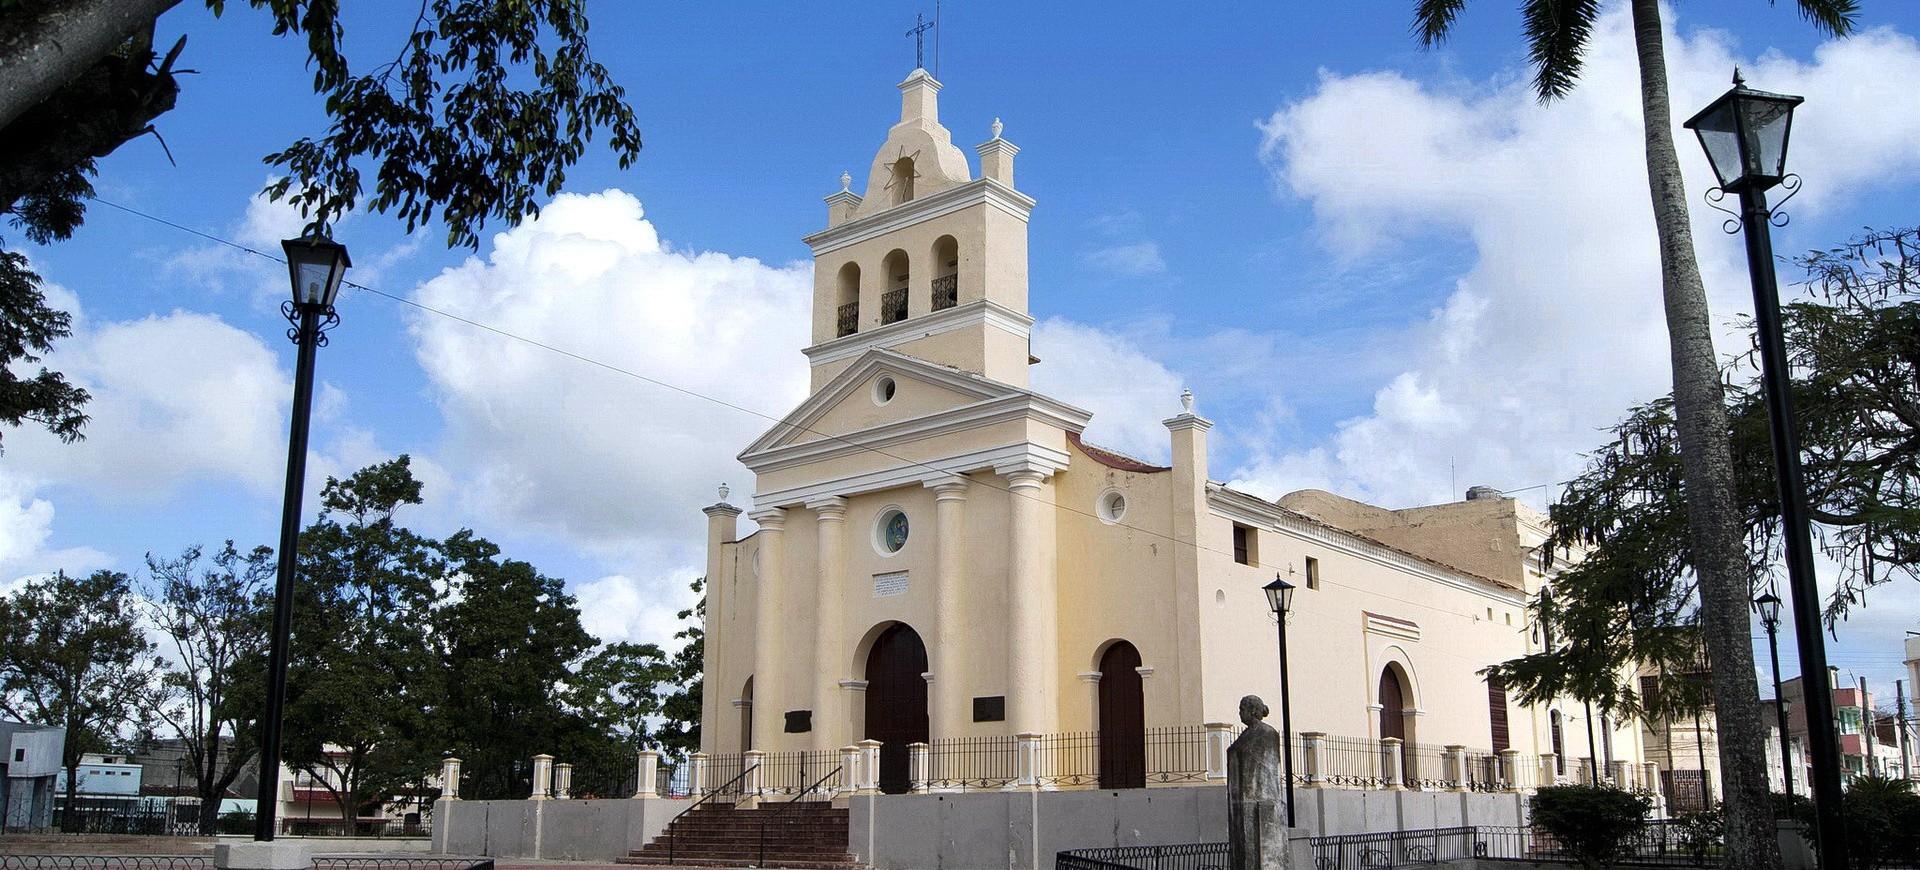 Eglise à Santa Clara